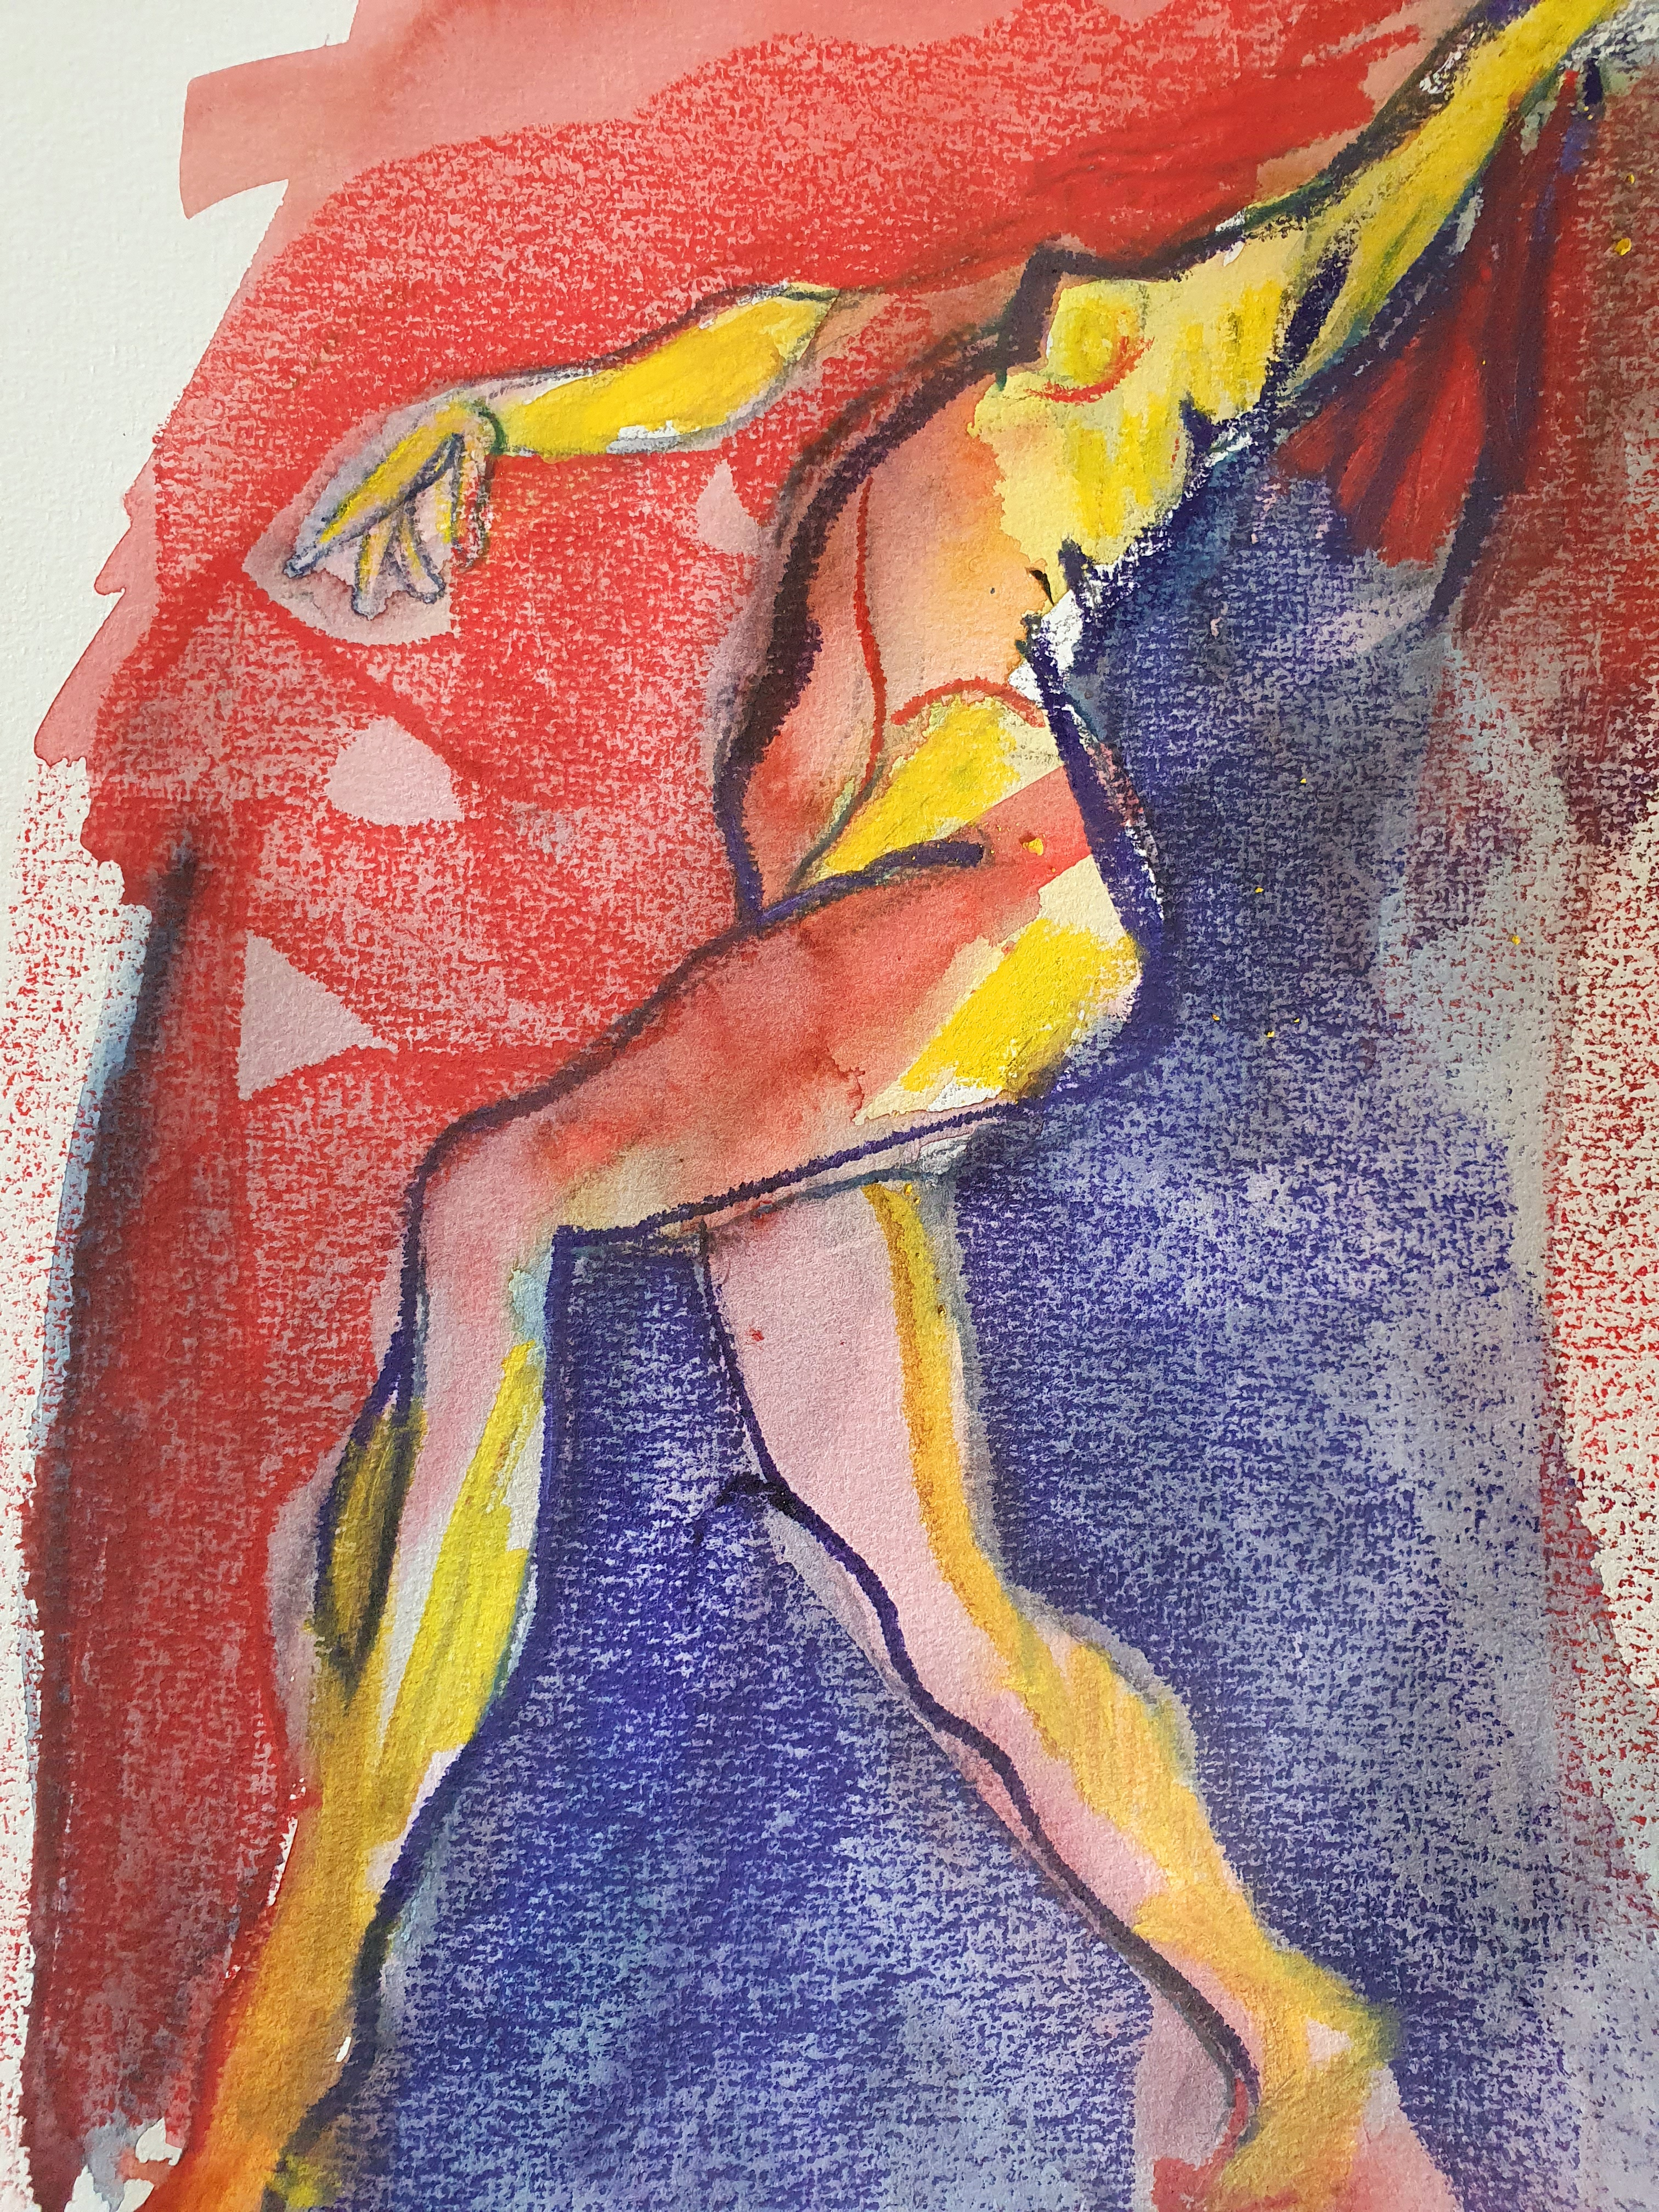 Dessin polychrome danseuse rouge jaune bleue  cours de dessin